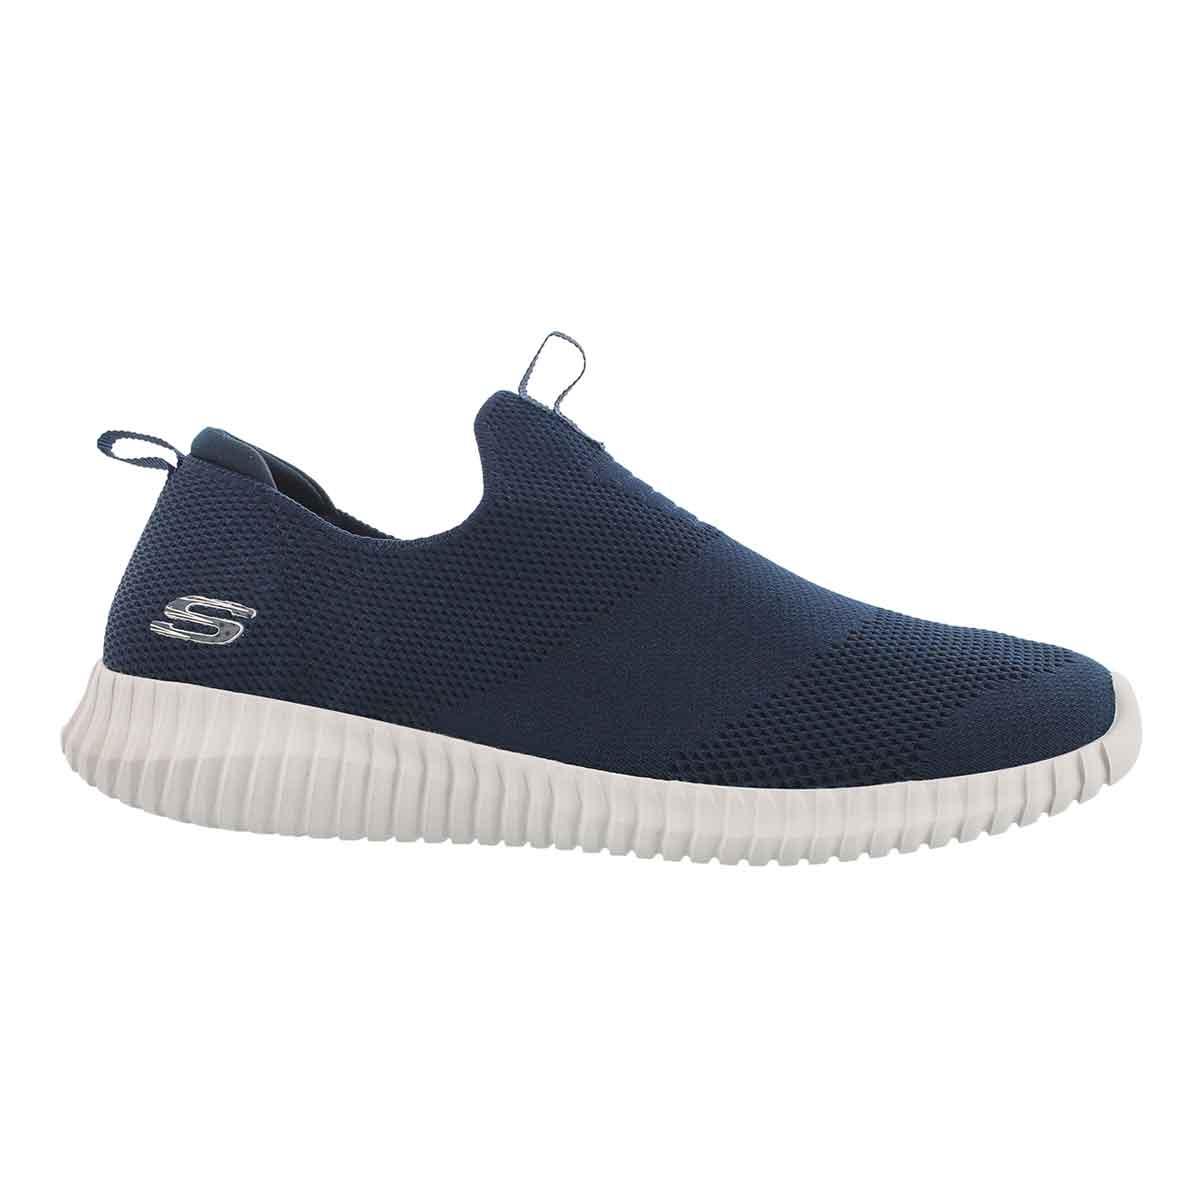 Mns Elite Flex Wasik navy slip on shoe